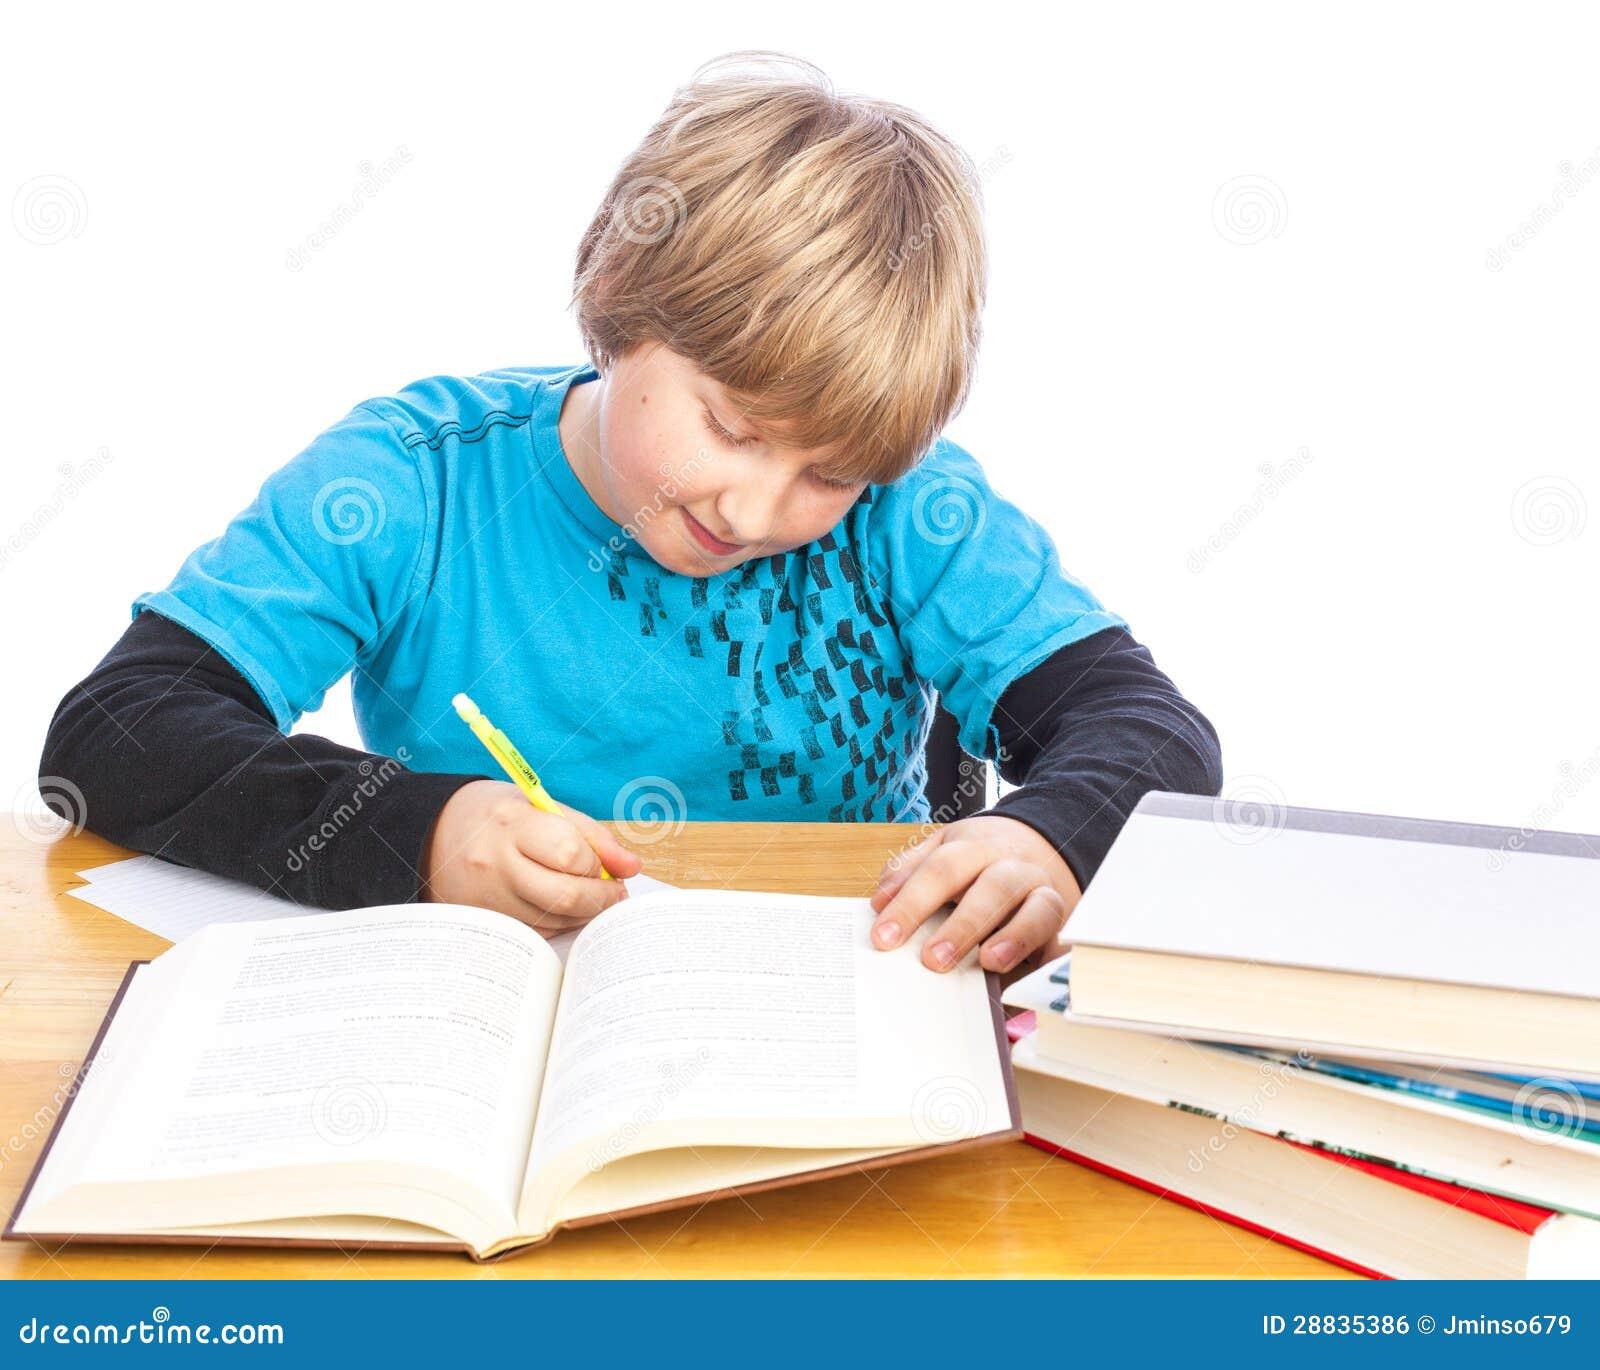 Soal essay kewirausahaan dan jawabannya